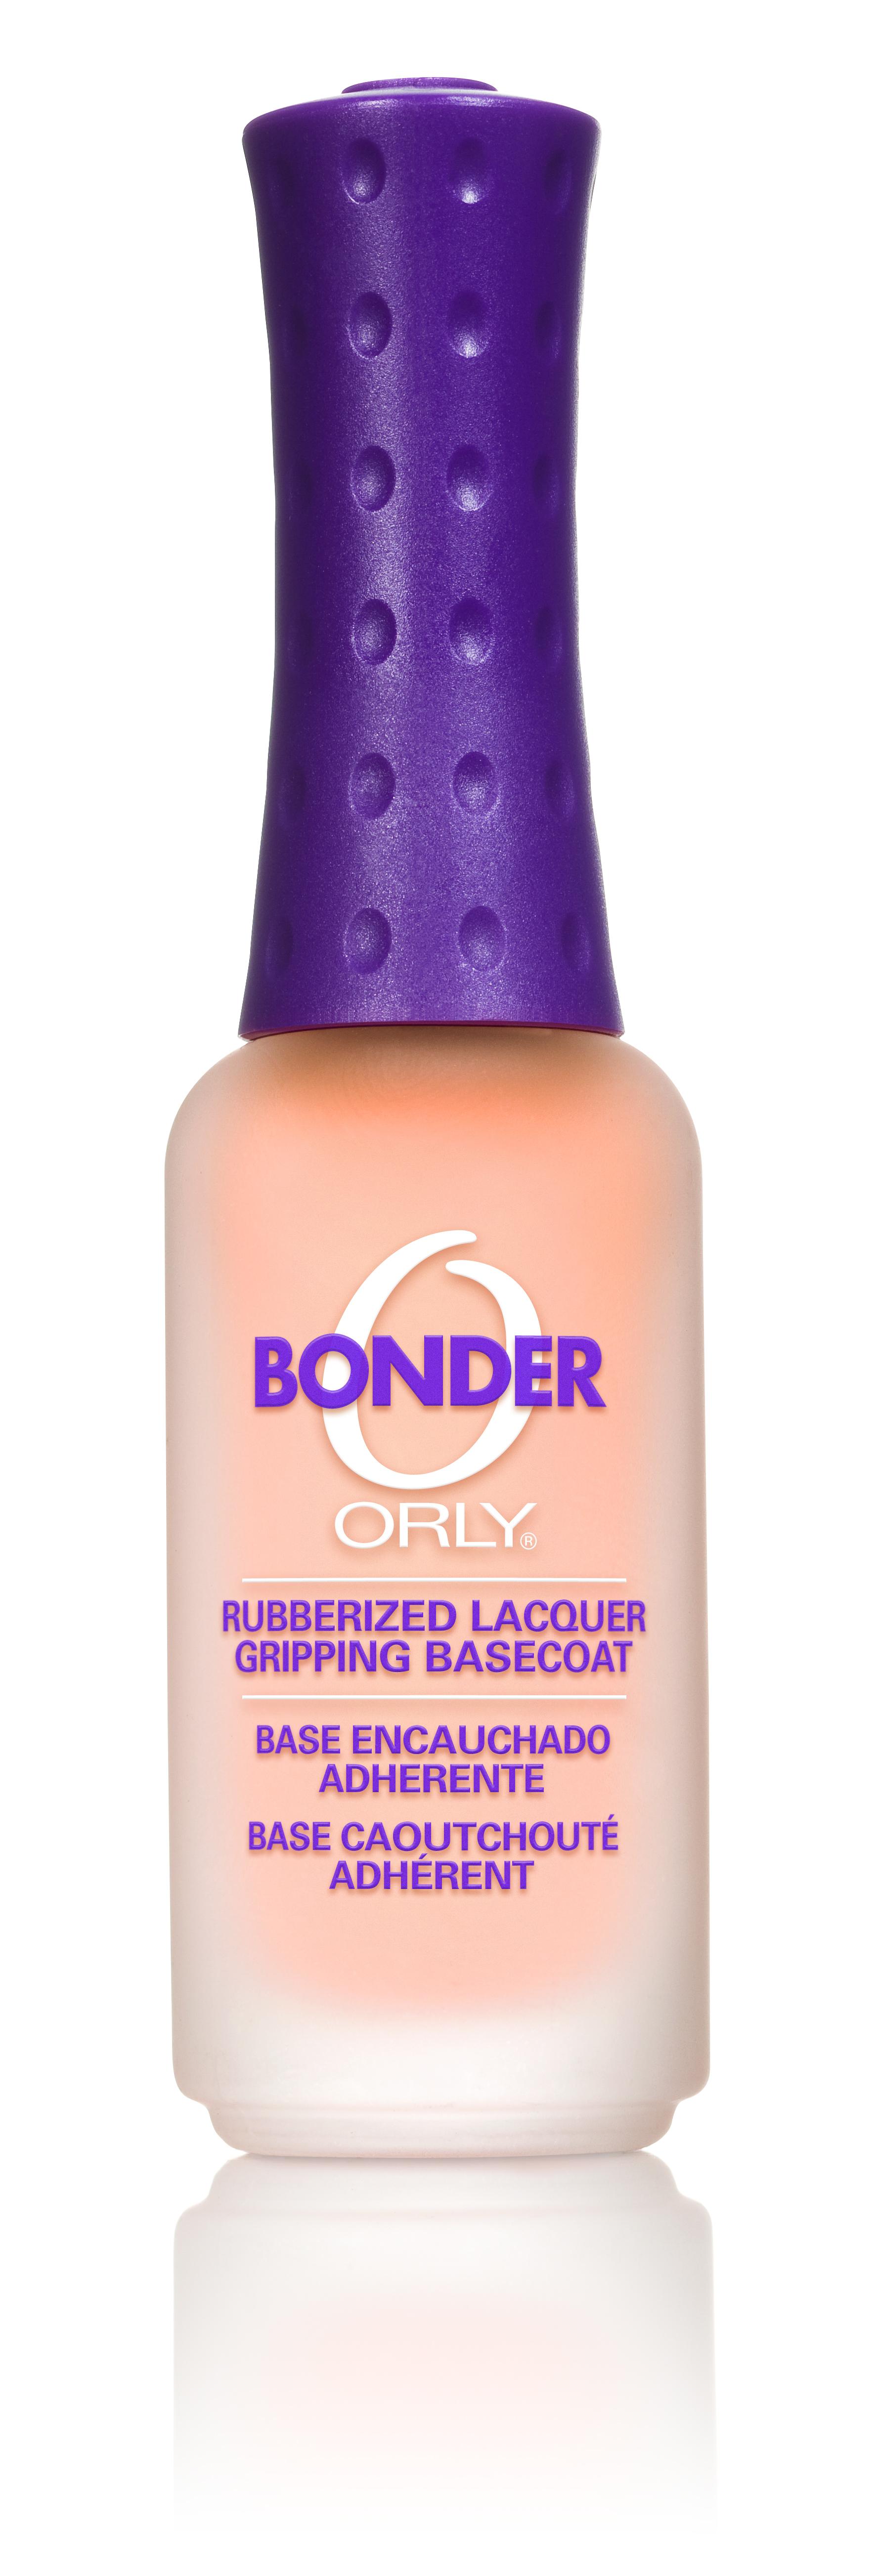 ORLY Покрытие базовое для ногтей / Bonder .3 oz 9млБазовые покрытия<br>Эксклюзивное прорезиненное базовое покрытие осуществляет прочное сцепление поверхности ногтя с лаком, предохраняя лак от скалывания и отслаивания. Базовое покрытие Bonder придает ногтям идеальную гладкость и обеспечивает безупречность маникюра, две недели лак выглядит превосходно. Способ применения: 1-2 слоя базового покрытия нанесите на чистую обезжиренную ногтевую пластину. После высыхания можно покрывать ногти цветным лаком либо использовать Bonder как самостоятельное покрытие. Допустимо использование с любым верхним покрытием. С чем использовать: перед нанесением базового покрытия Bonder лучше всего обезжирить ногти средством Clean Prep. Для быстрого закрепления и сушки многослойного маникюра используйте вместе с Bonder в качестве верхнего покрытия сушку-момент Flash Dry от ORLY. Активные ингредиенты.Состав: бутилацетат, изопропил, гептан, этилацетат, триметил пентанил диизобутират, тосиламид-эпоксидная смола, поливинилбутирал, нитроцеллюлоза, бензофенон-1, CI 26100 (Red 17), CI 47000 (Yellow 11), CI 60725 (Violet 2).<br><br>Объем: 9 мл